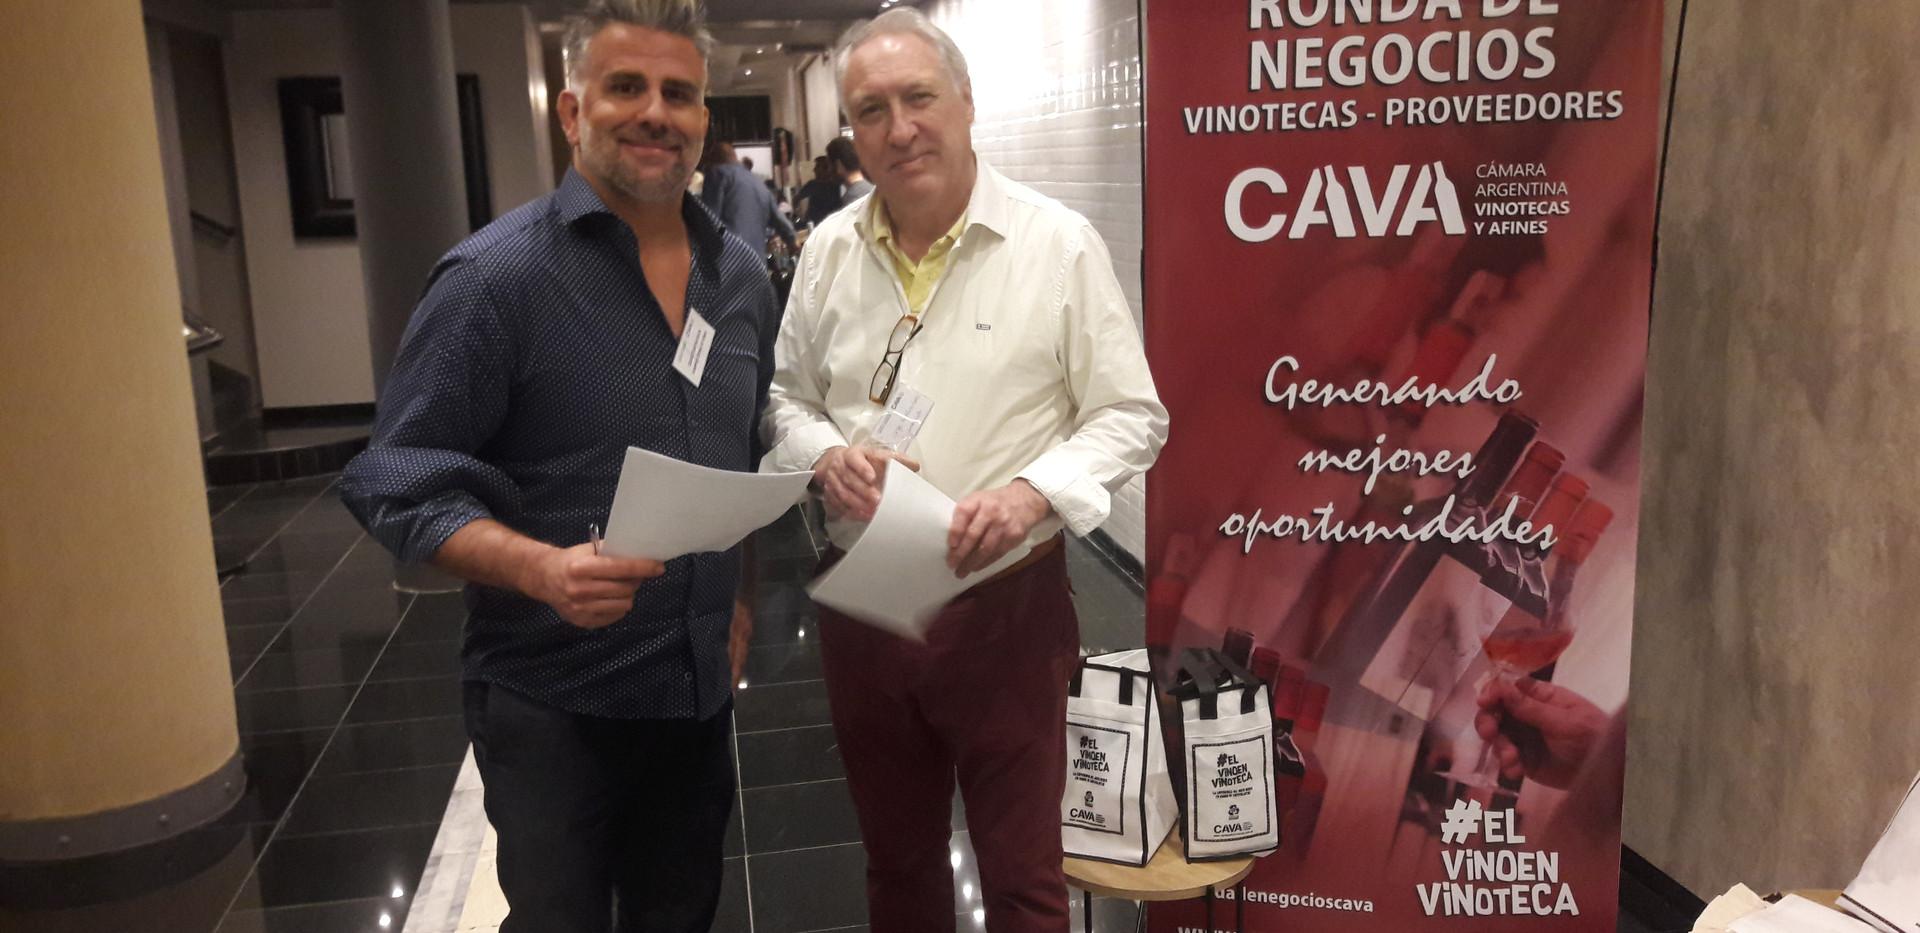 SEBASTIÁN MACHAIN DE VINOMIO Y CARLOS CARRACEDO DE SEGUNDO CICLO